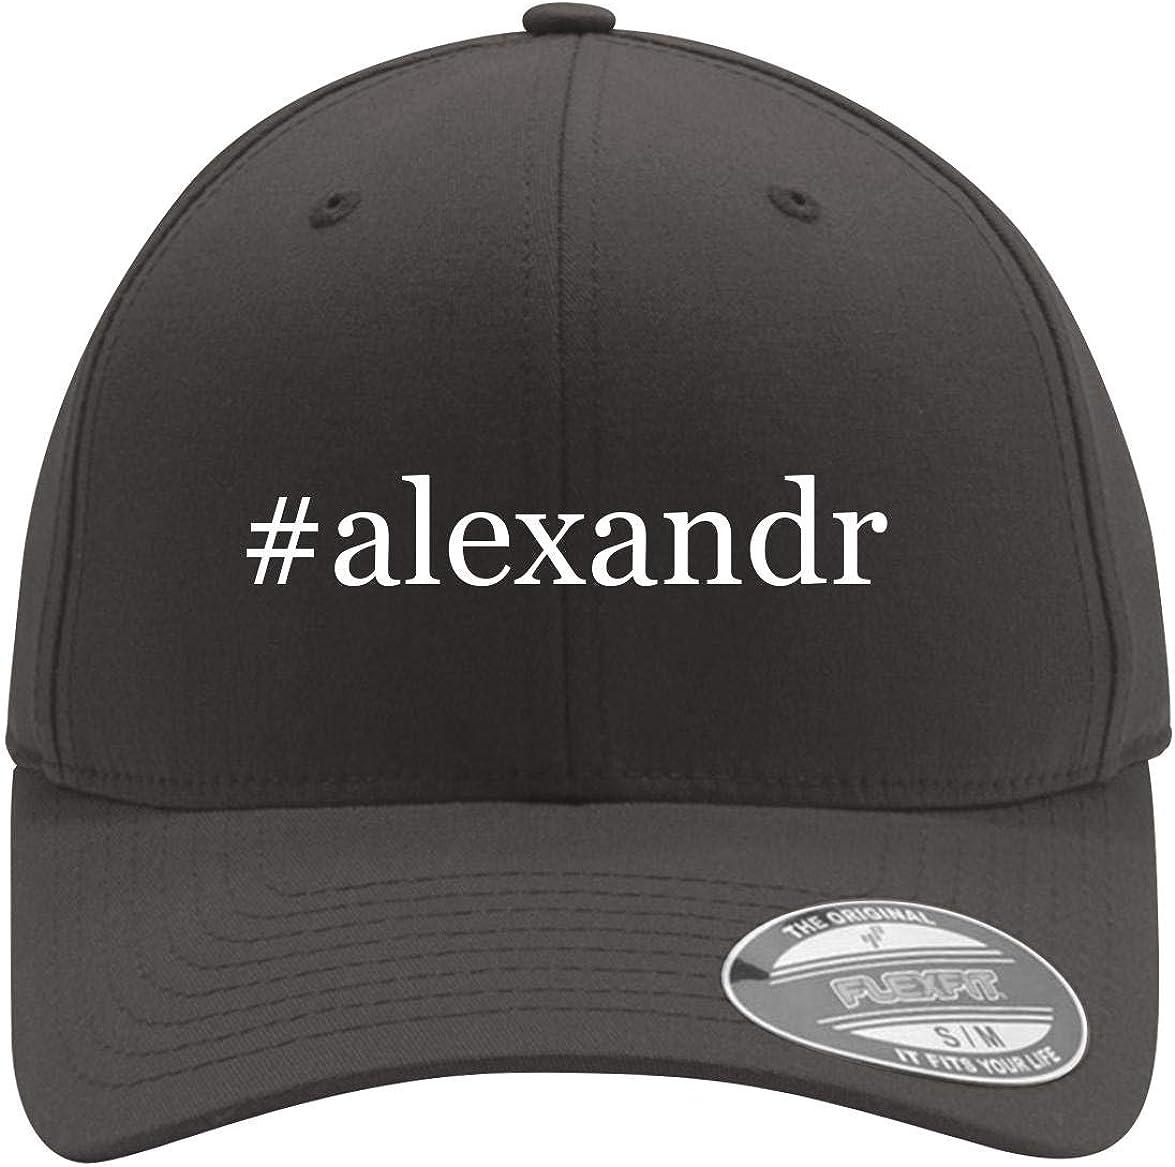 #alexandr - Adult Men's Hashtag Flexfit Baseball Hat Cap 61lGXpFgyML